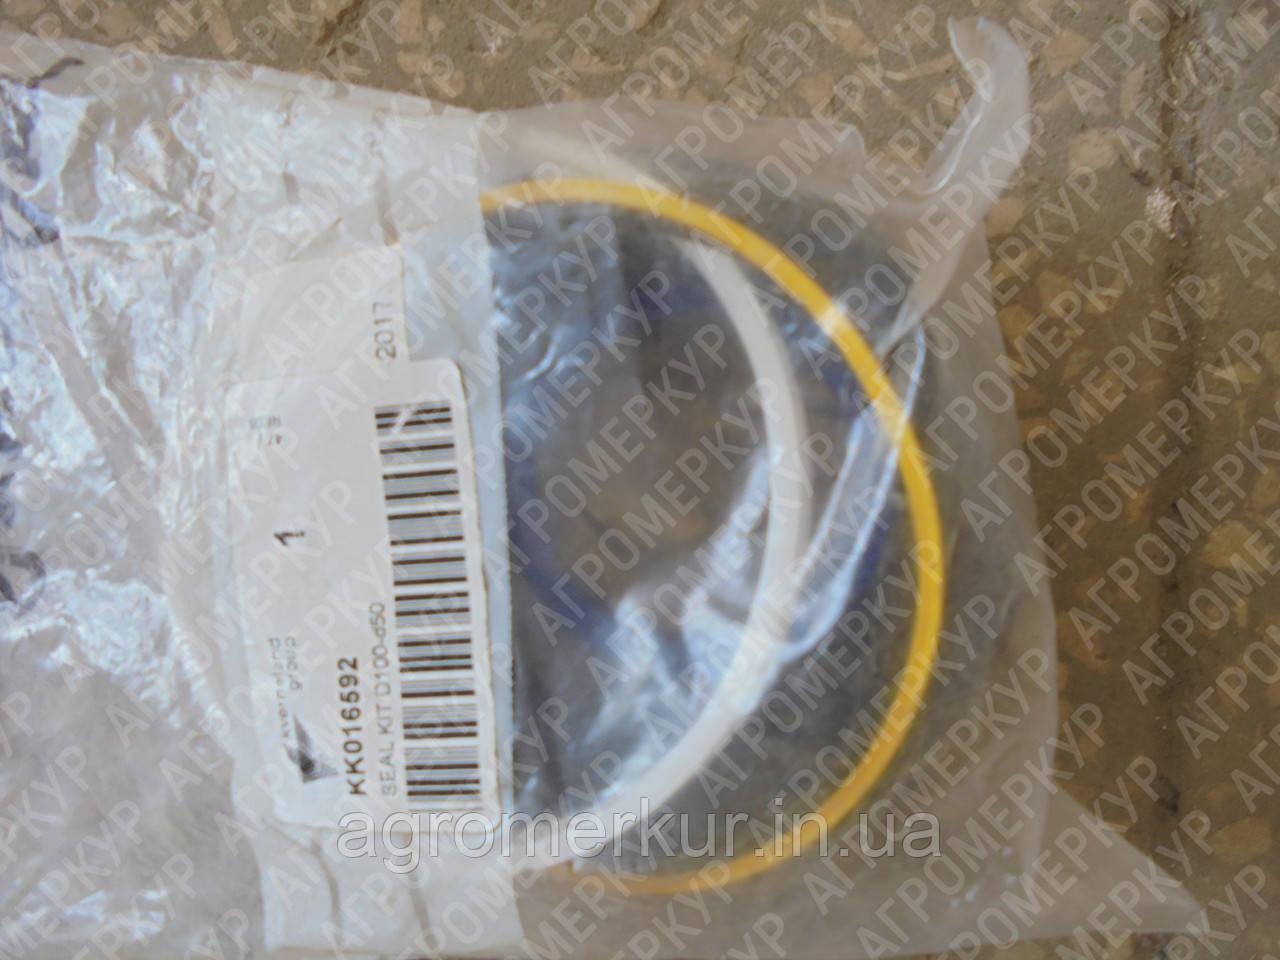 Рем. комплект циліндра D100-D50 гідравлічного KK016592